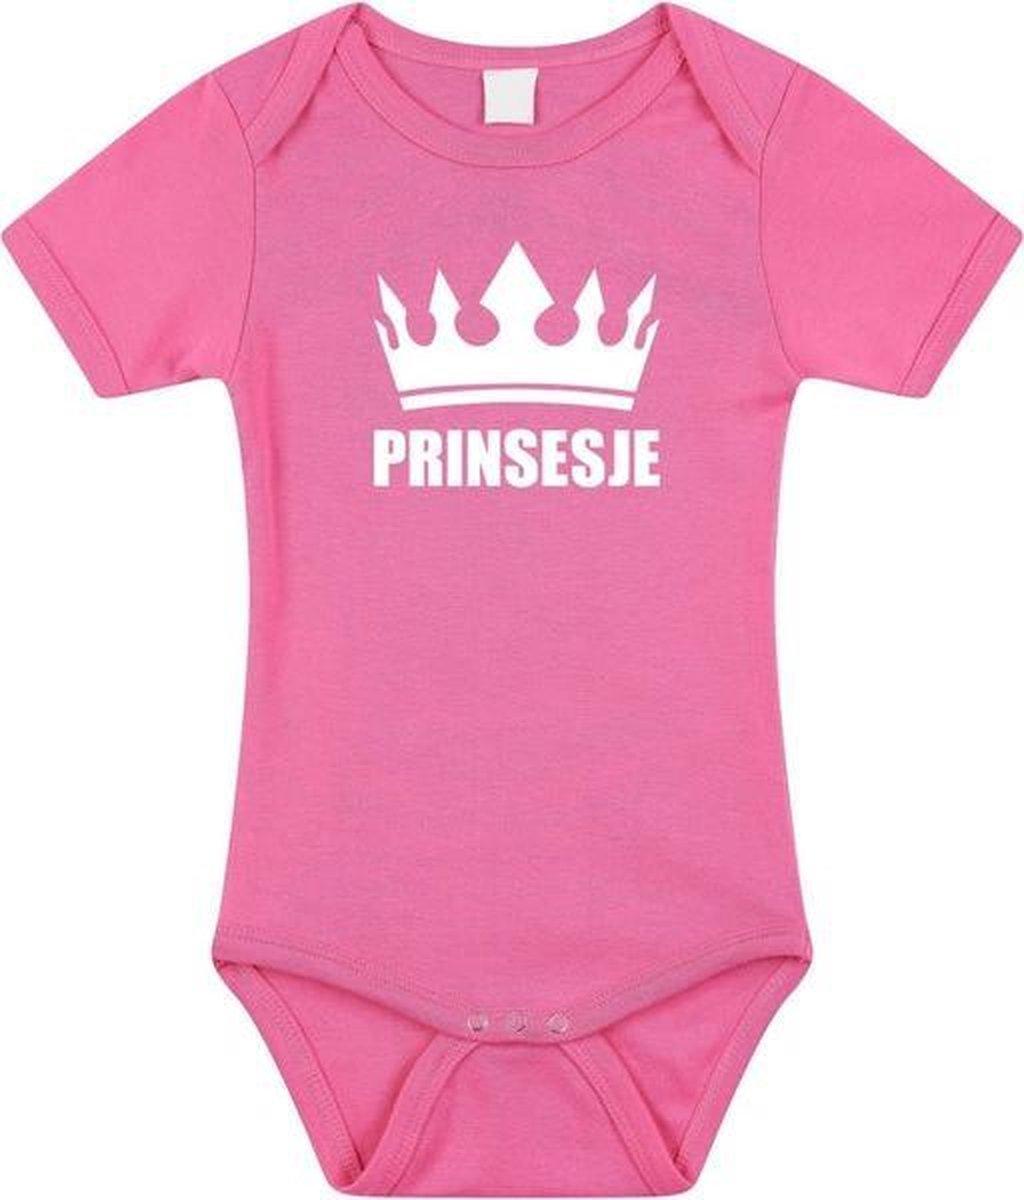 Prinsesje met kroon baby rompertje roze meisjes - Kraamcadeau - Babykleding 92 (18-24 maanden)